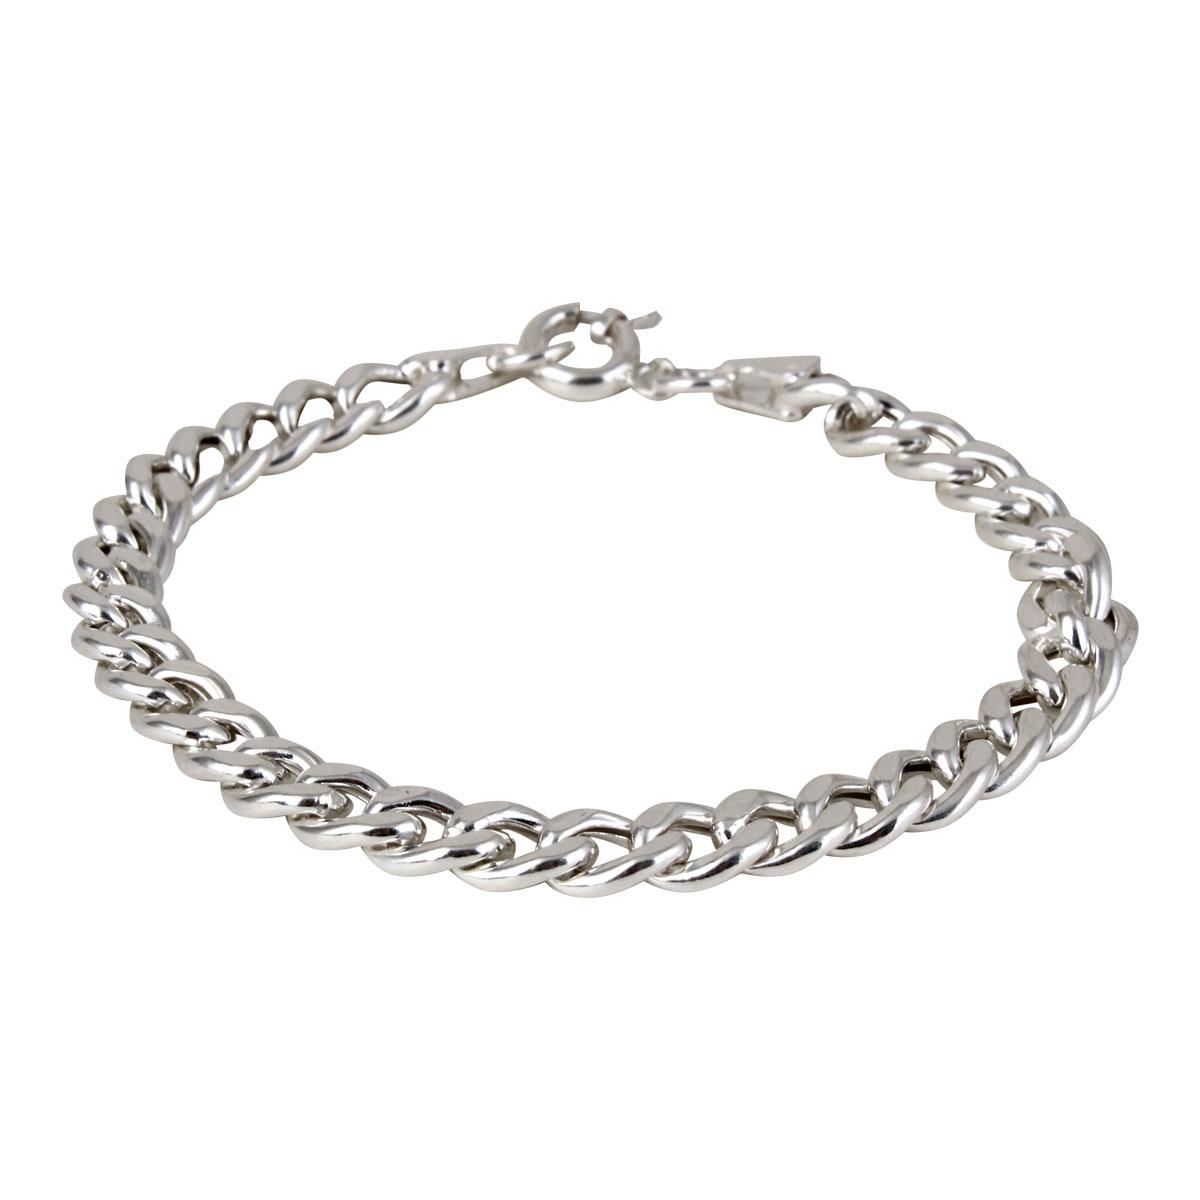 خرید دستبند نقره مردانه مد و کلاس کد ۱۸۰۴۳۸